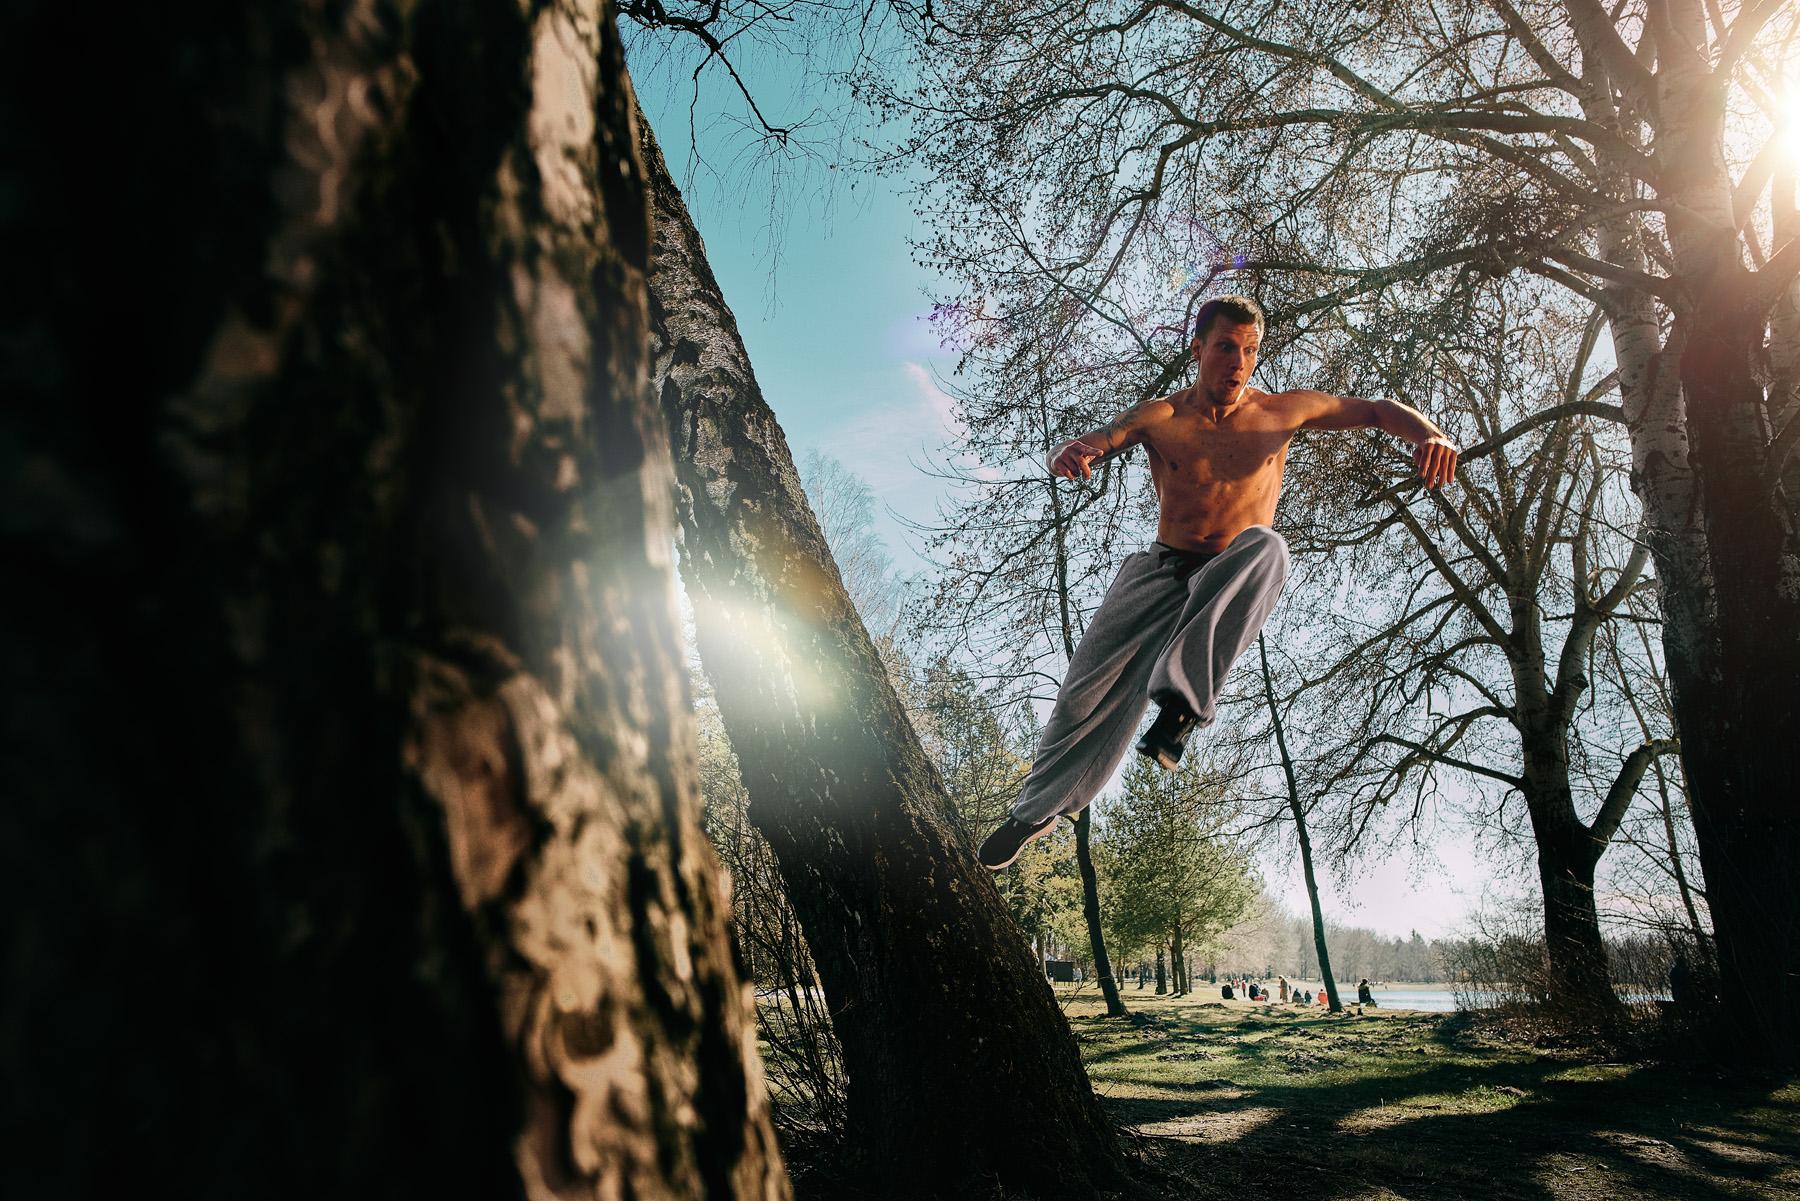 Bastian Ackermann stößt sich vom Baum ab